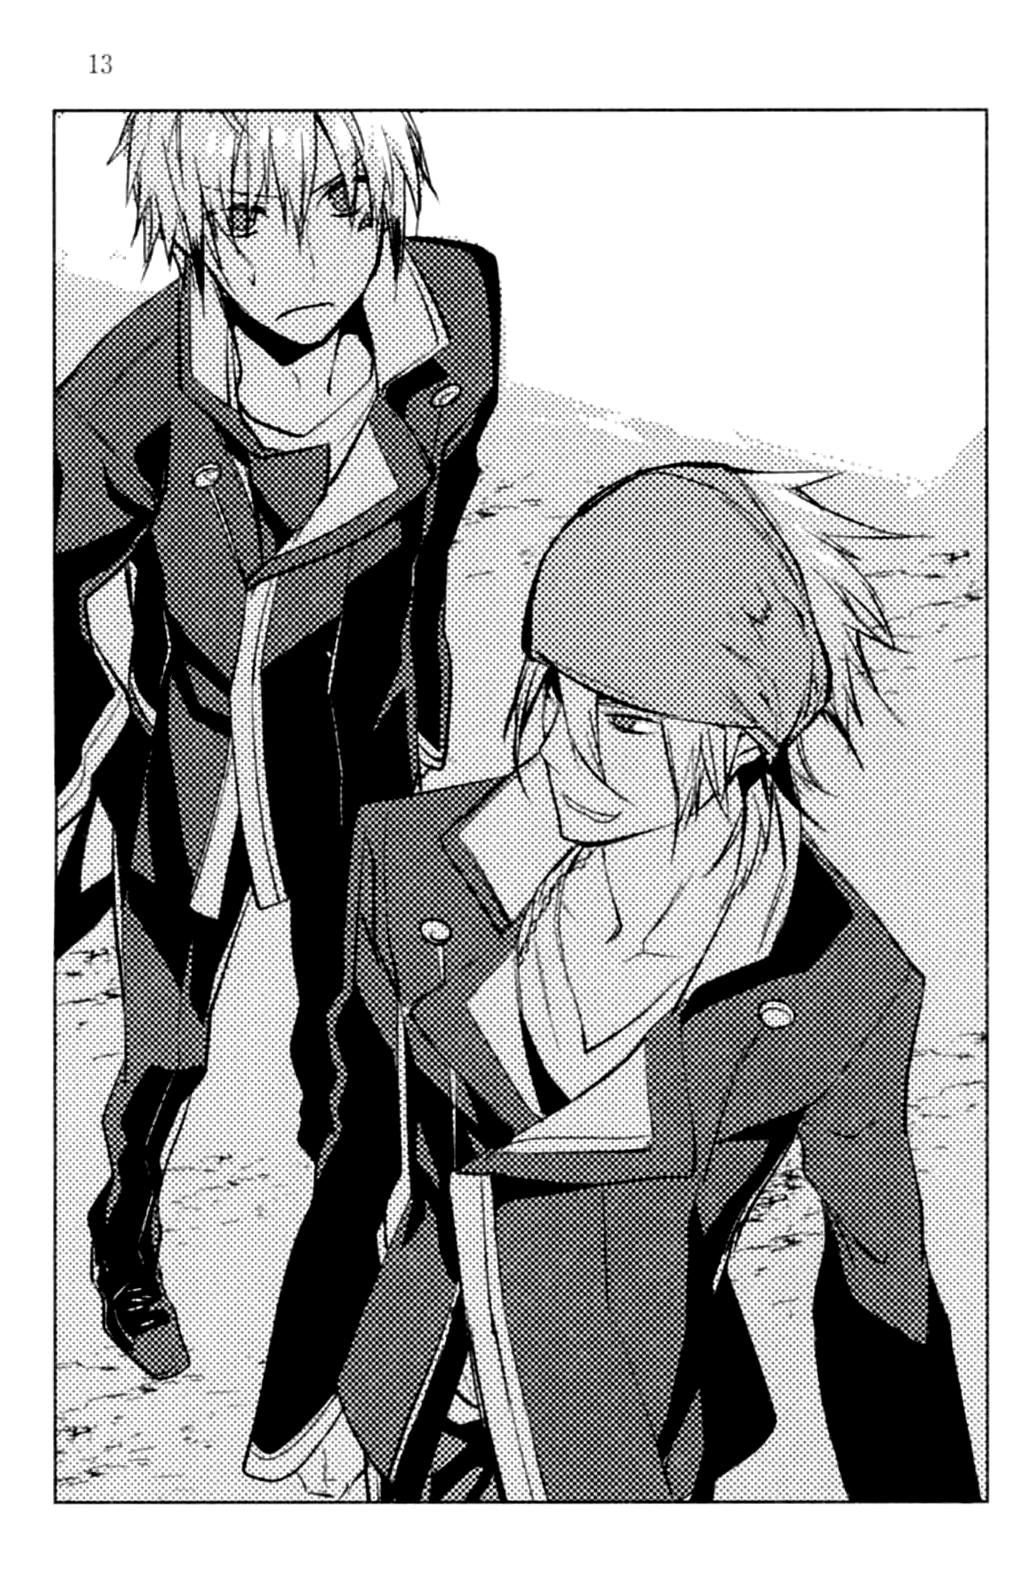 Tokyo Ravens Vol 2 Chương 1